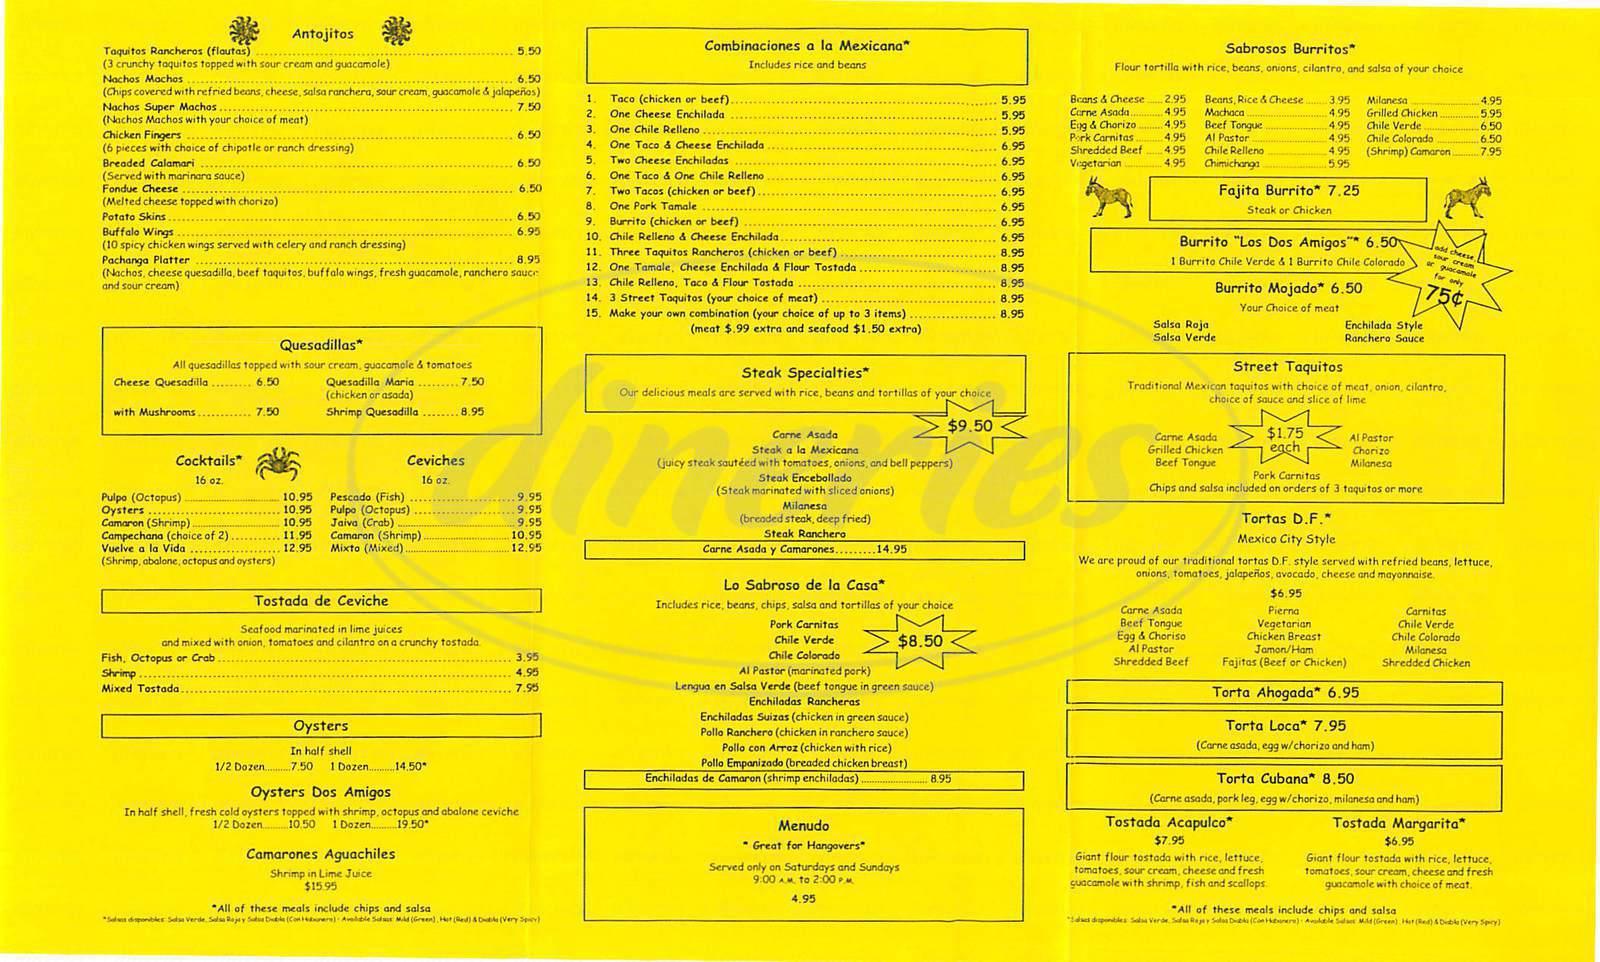 menu for Los Dos Amigos